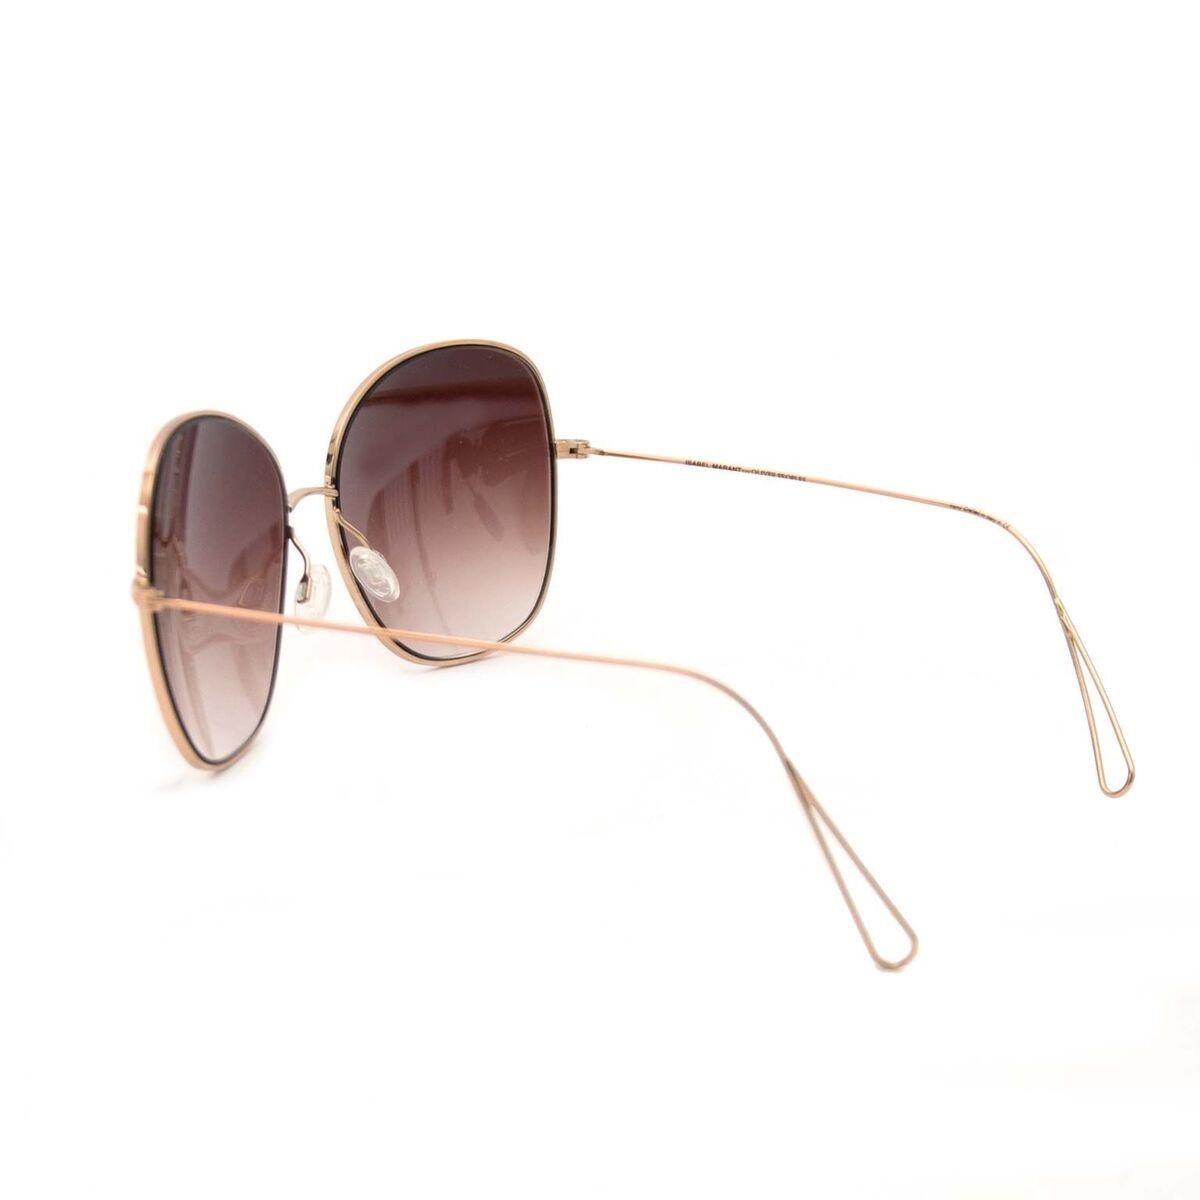 Koop authentieke tweedehands Olivier Peoples zonnebrillen aan een eerlijke prijs bij LabelLOV. Veilig online shoppen.